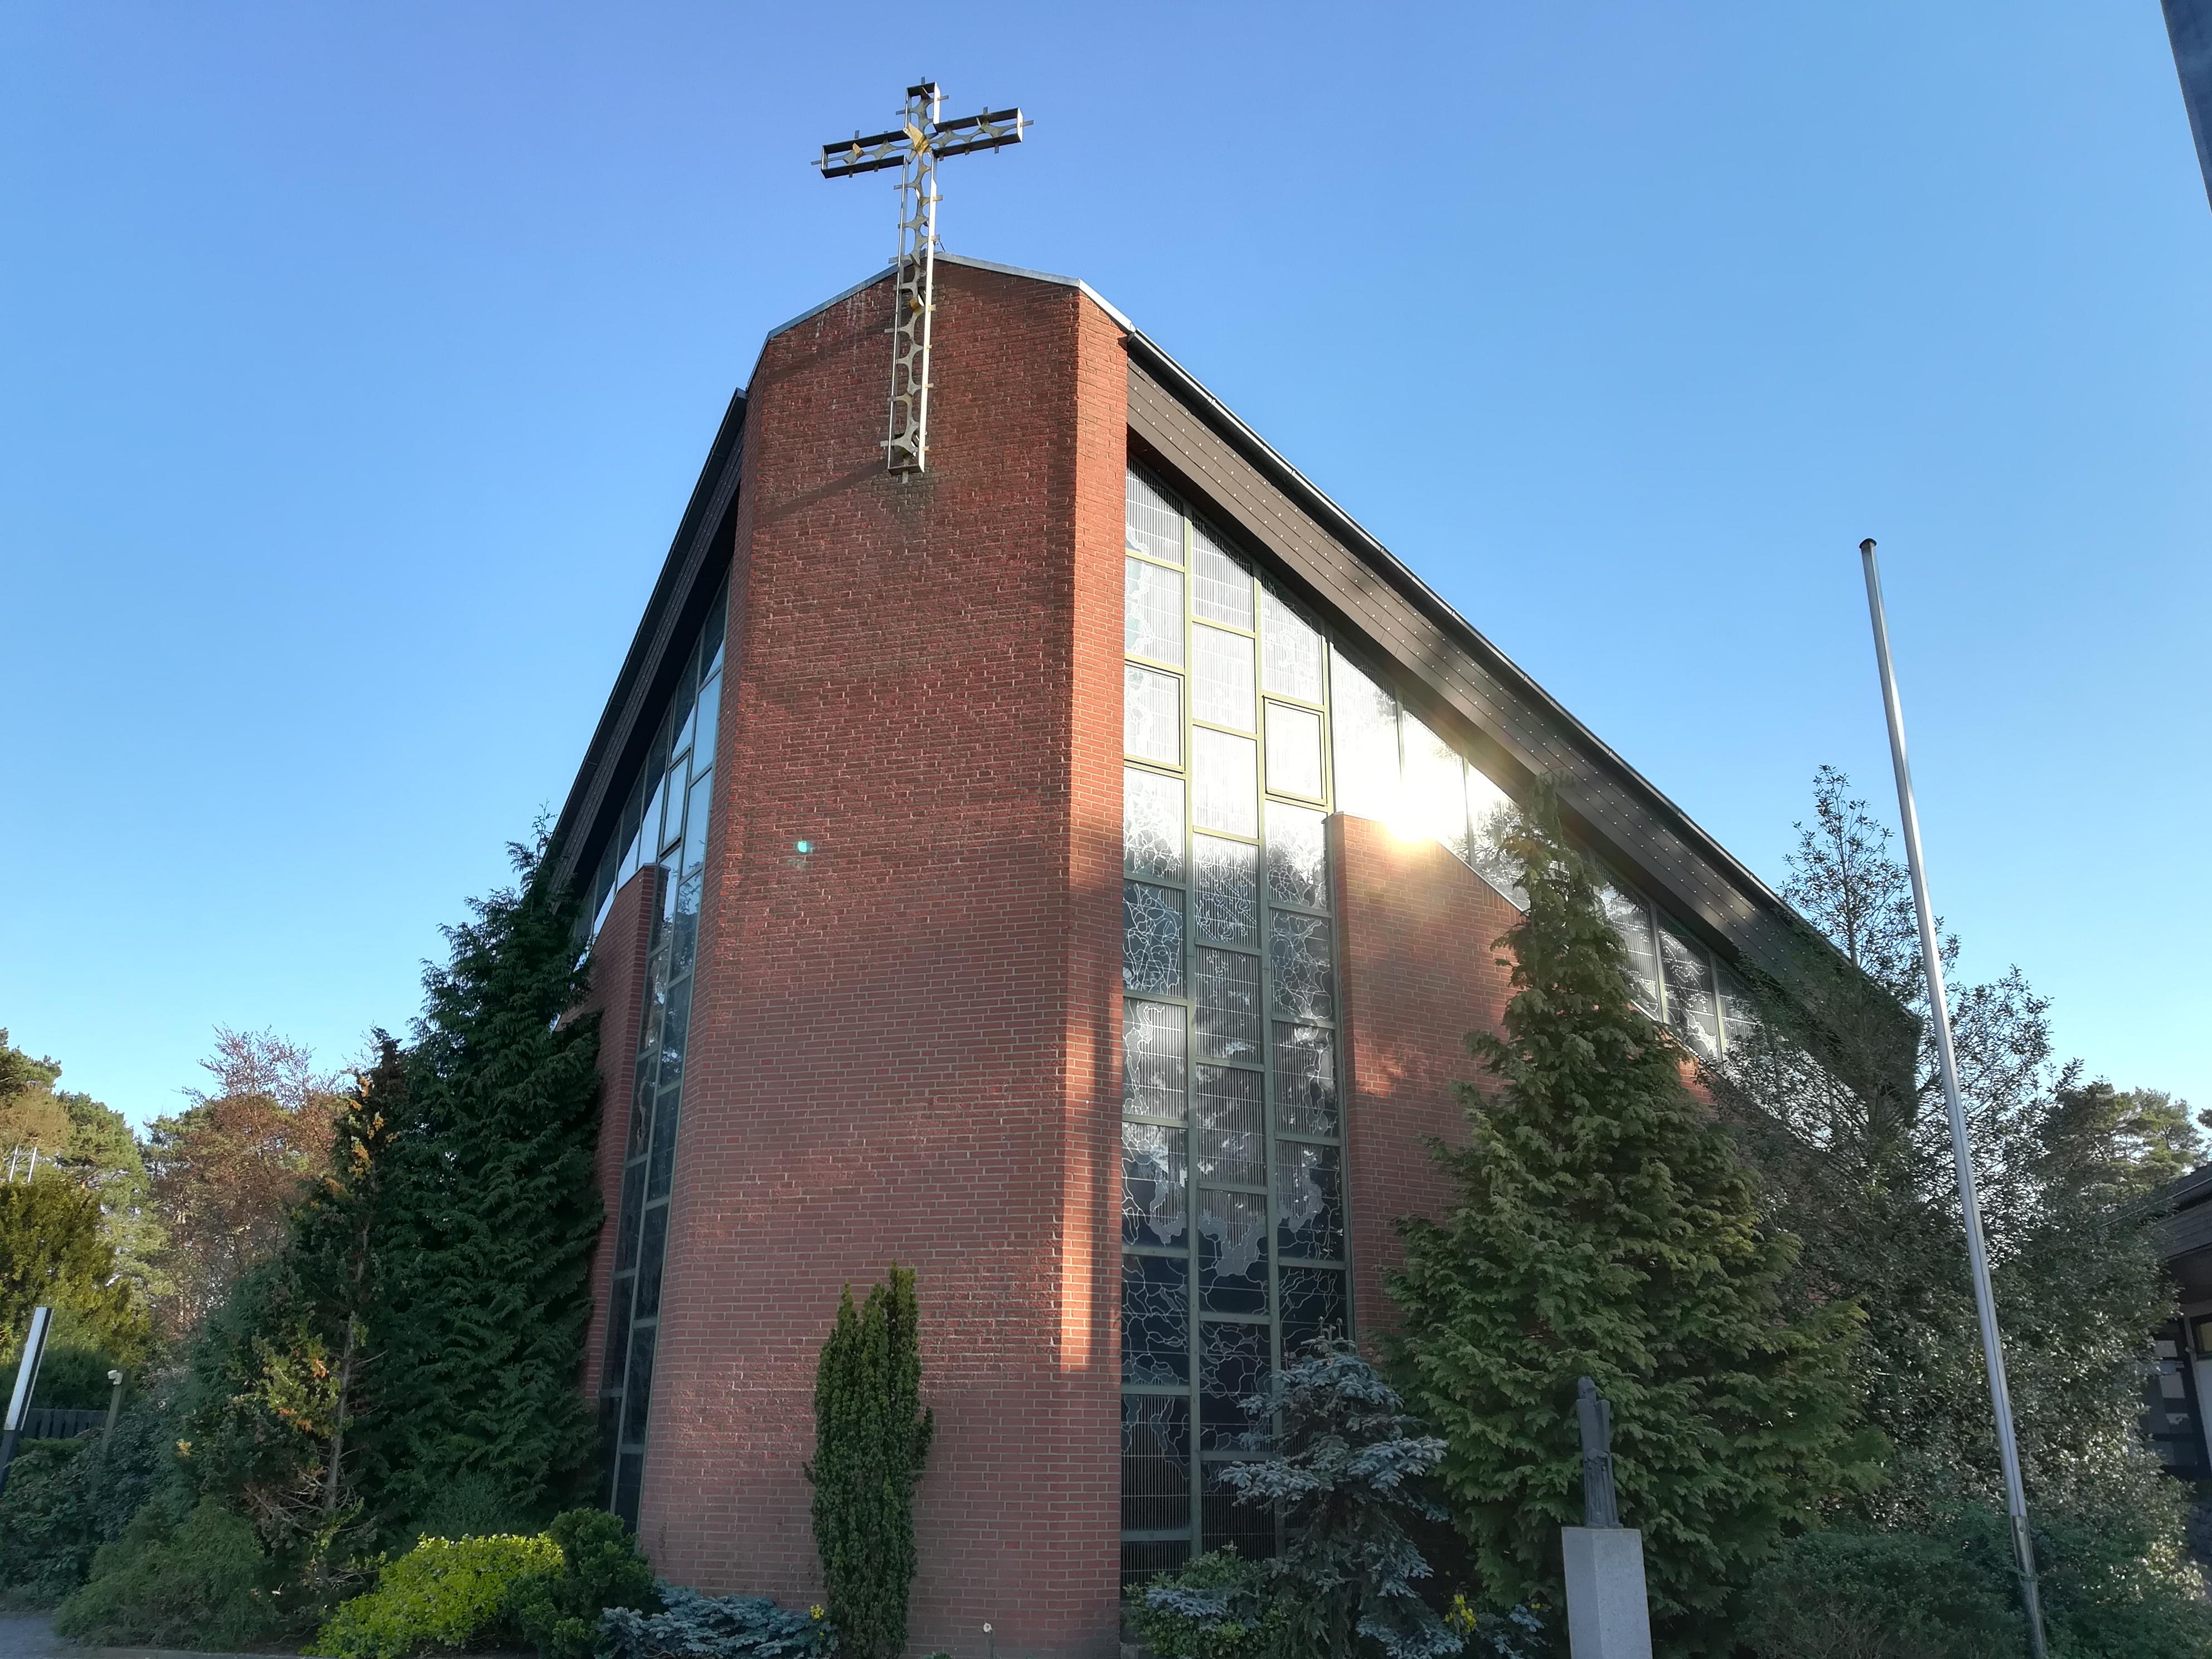 St. Hedwig Kirche Steinhude